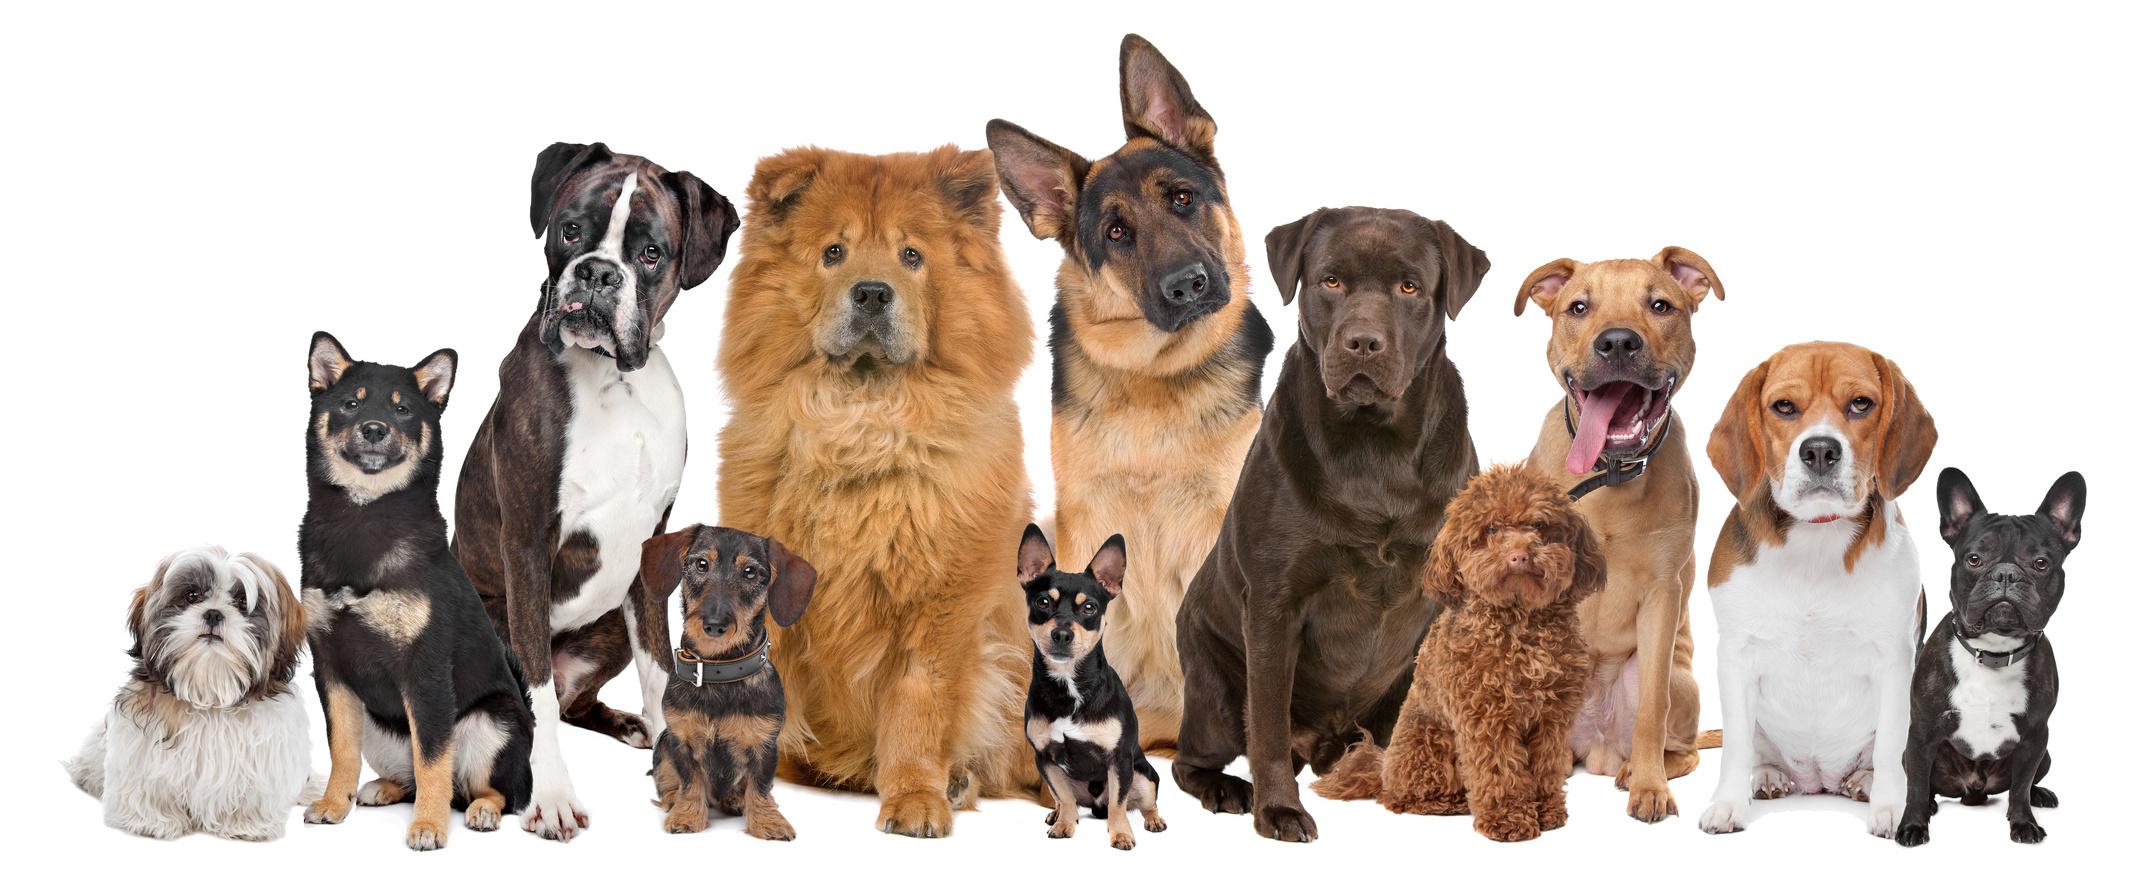 Собаки разных пород и размеров